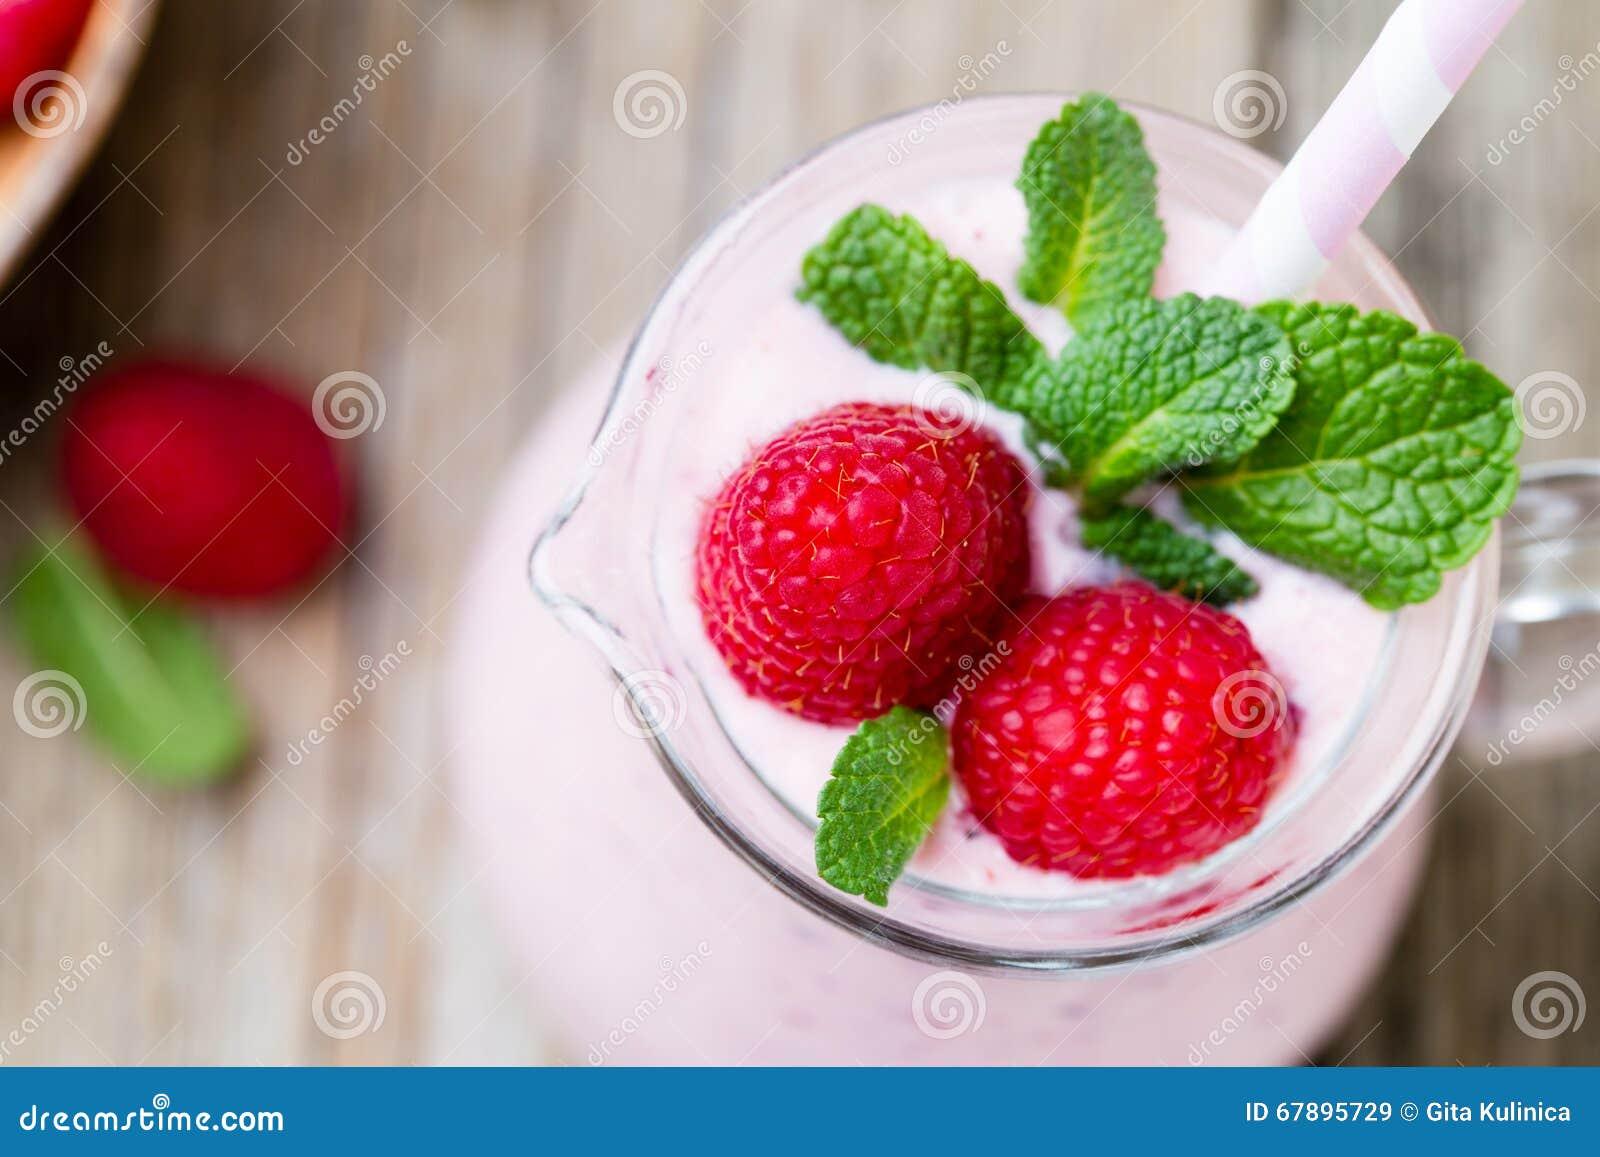 莓与薄荷的装饰的奶昔